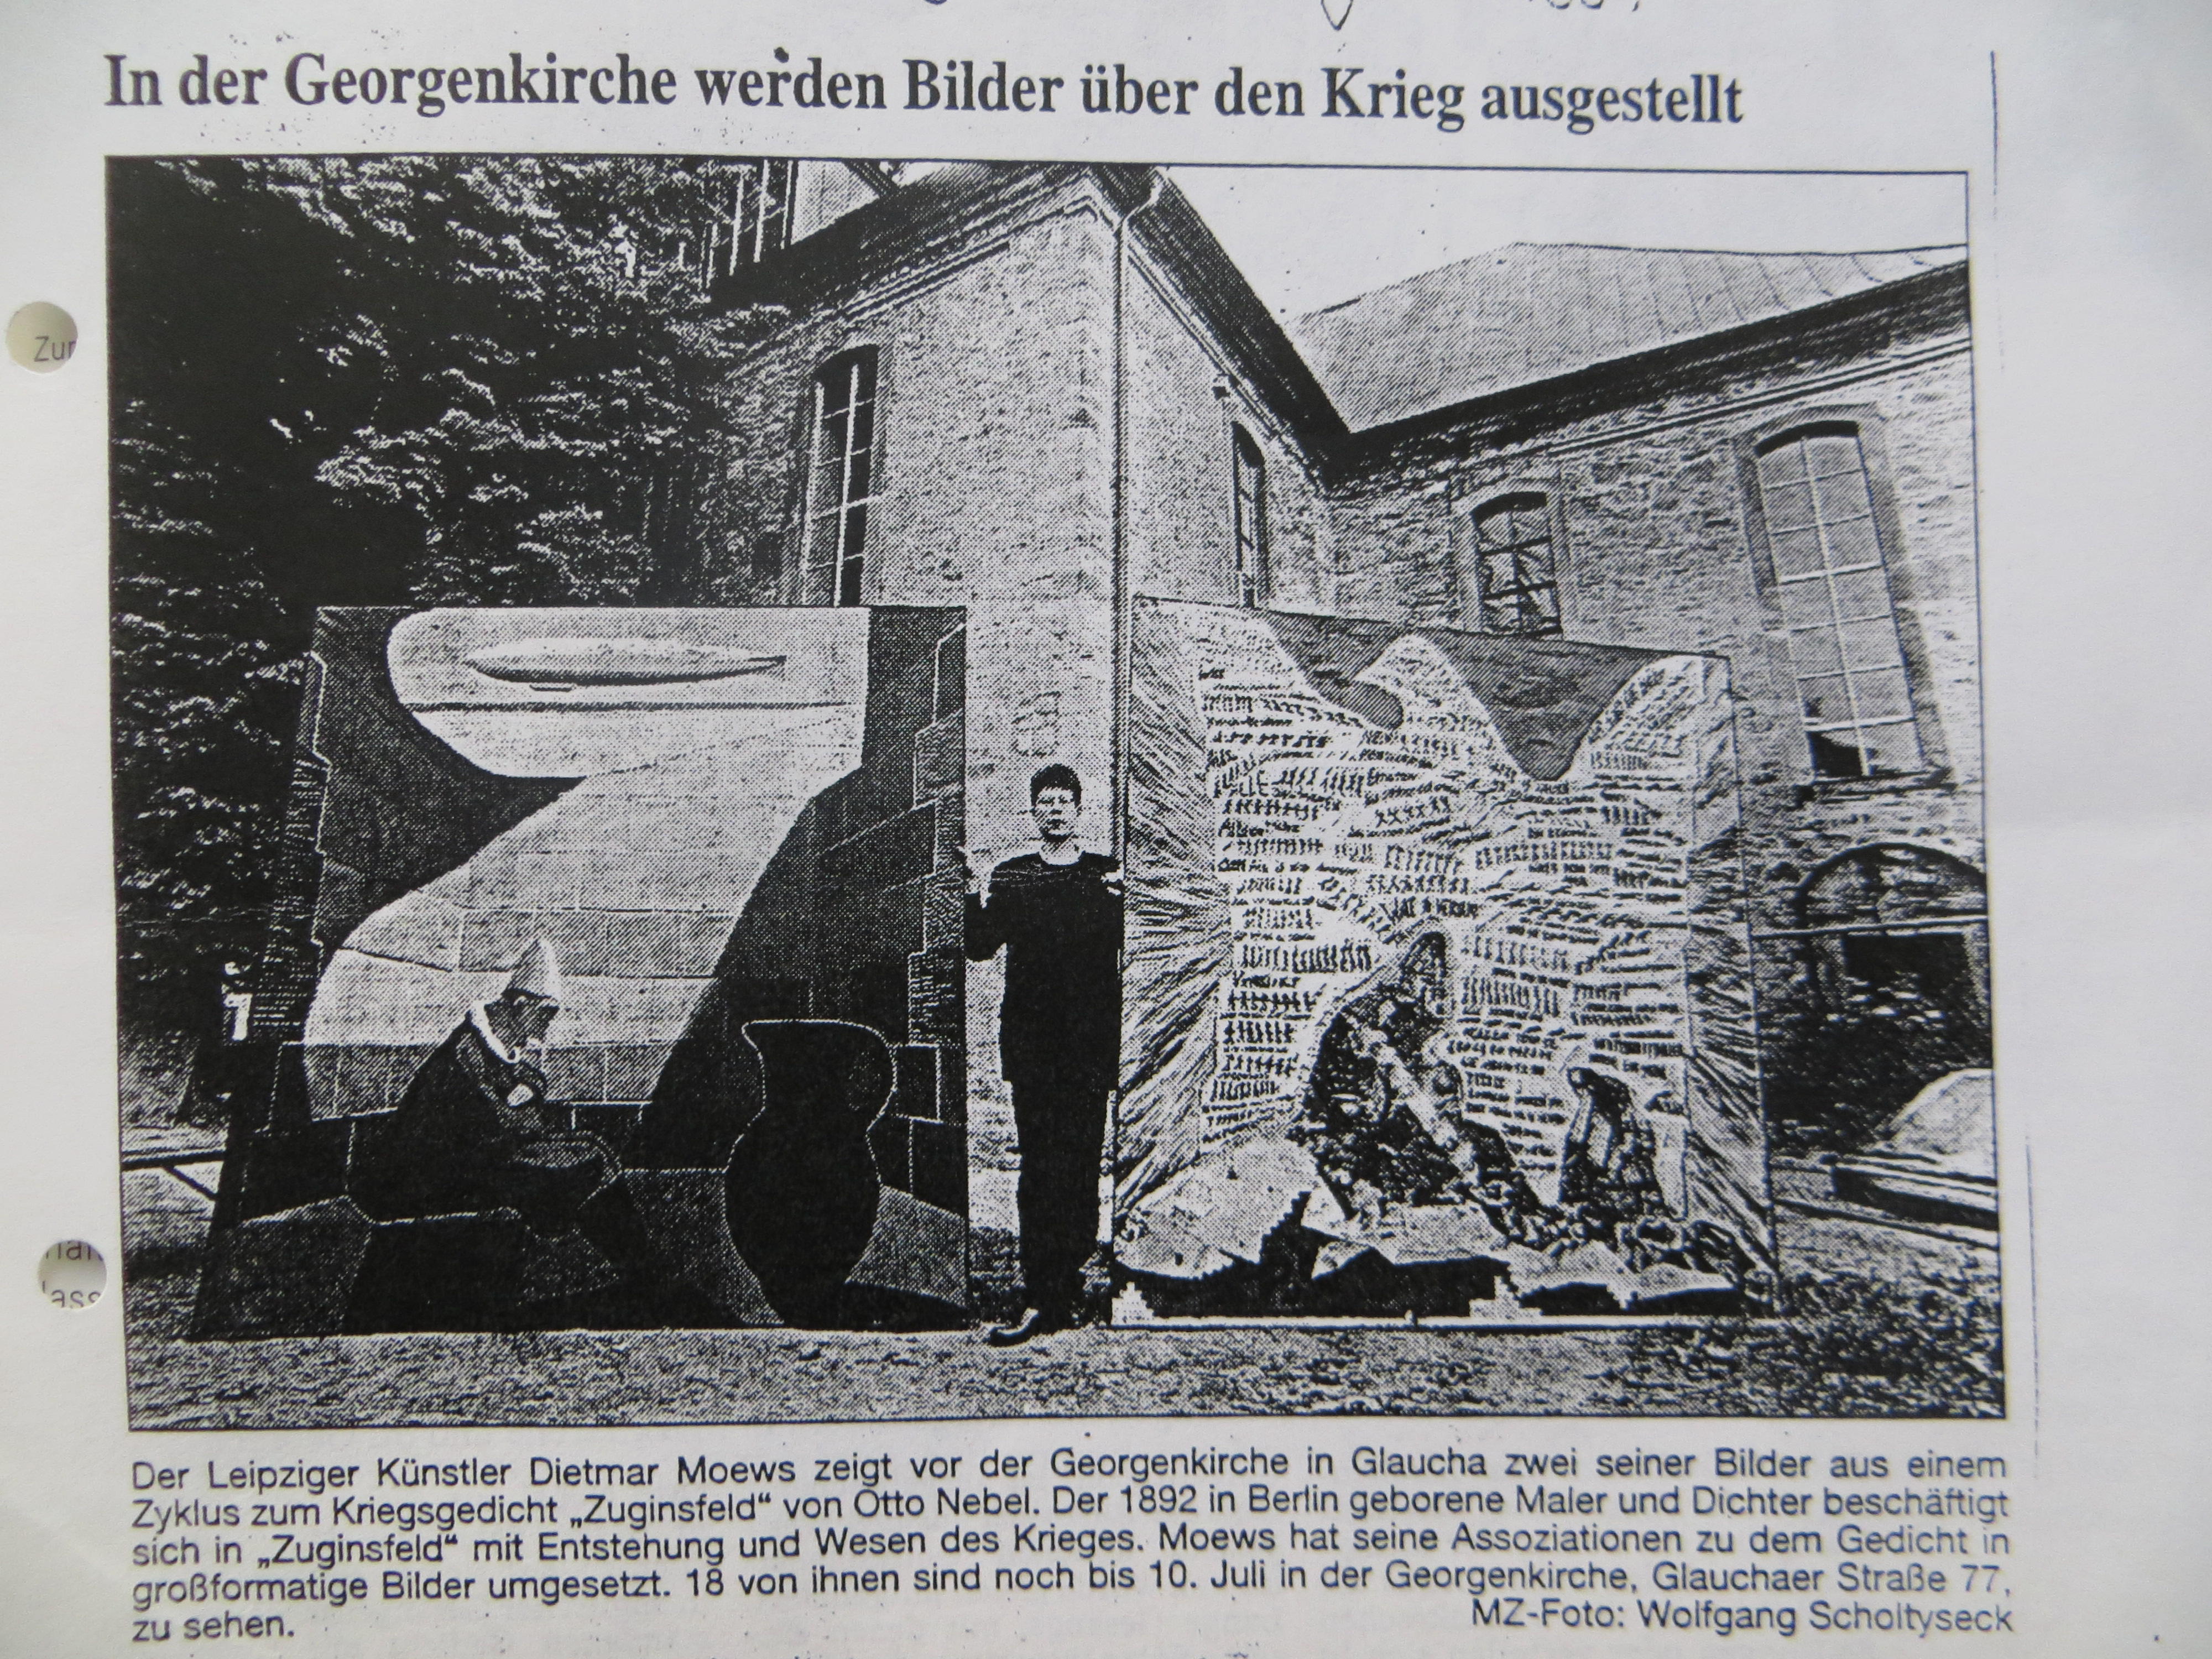 Mitteldeutsche Zeitung v. 25. Juni 1997